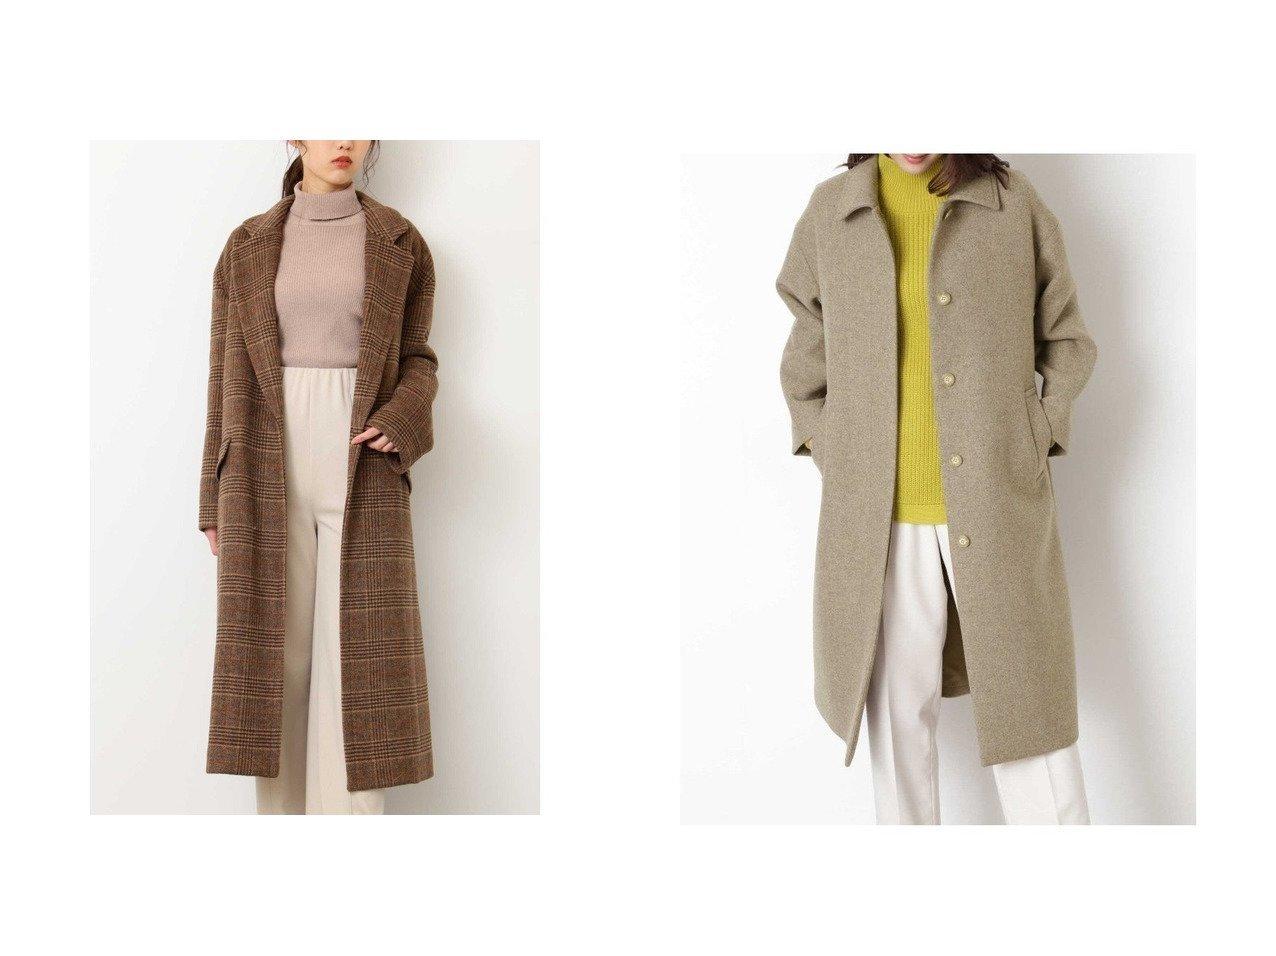 【FREE'S MART/フリーズマート】の《Sシリーズ対応商品》 ウール混オーバーチェスターコー&【NATURAL BEAUTY BASIC/ナチュラル ビューティー ベーシック】のFAbRICAステンカラーコート アウターのおすすめ!人気、レディースファッションの通販 おすすめで人気のファッション通販商品 インテリア・家具・キッズファッション・メンズファッション・レディースファッション・服の通販 founy(ファニー) https://founy.com/ ファッション Fashion レディース WOMEN アウター Coat Outerwear コート Coats ジャケット Jackets ショルダー ジャケット チェスターコート ドロップ ポケット ロング  ID:crp329100000002871